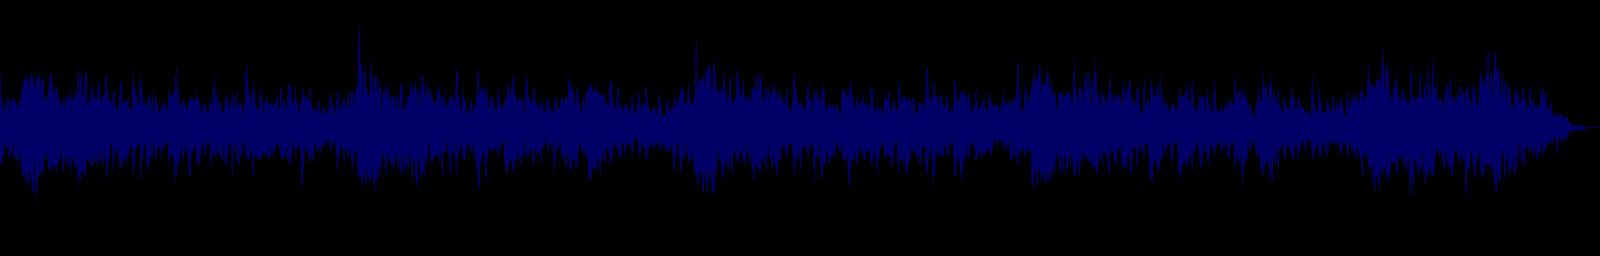 waveform of track #129939